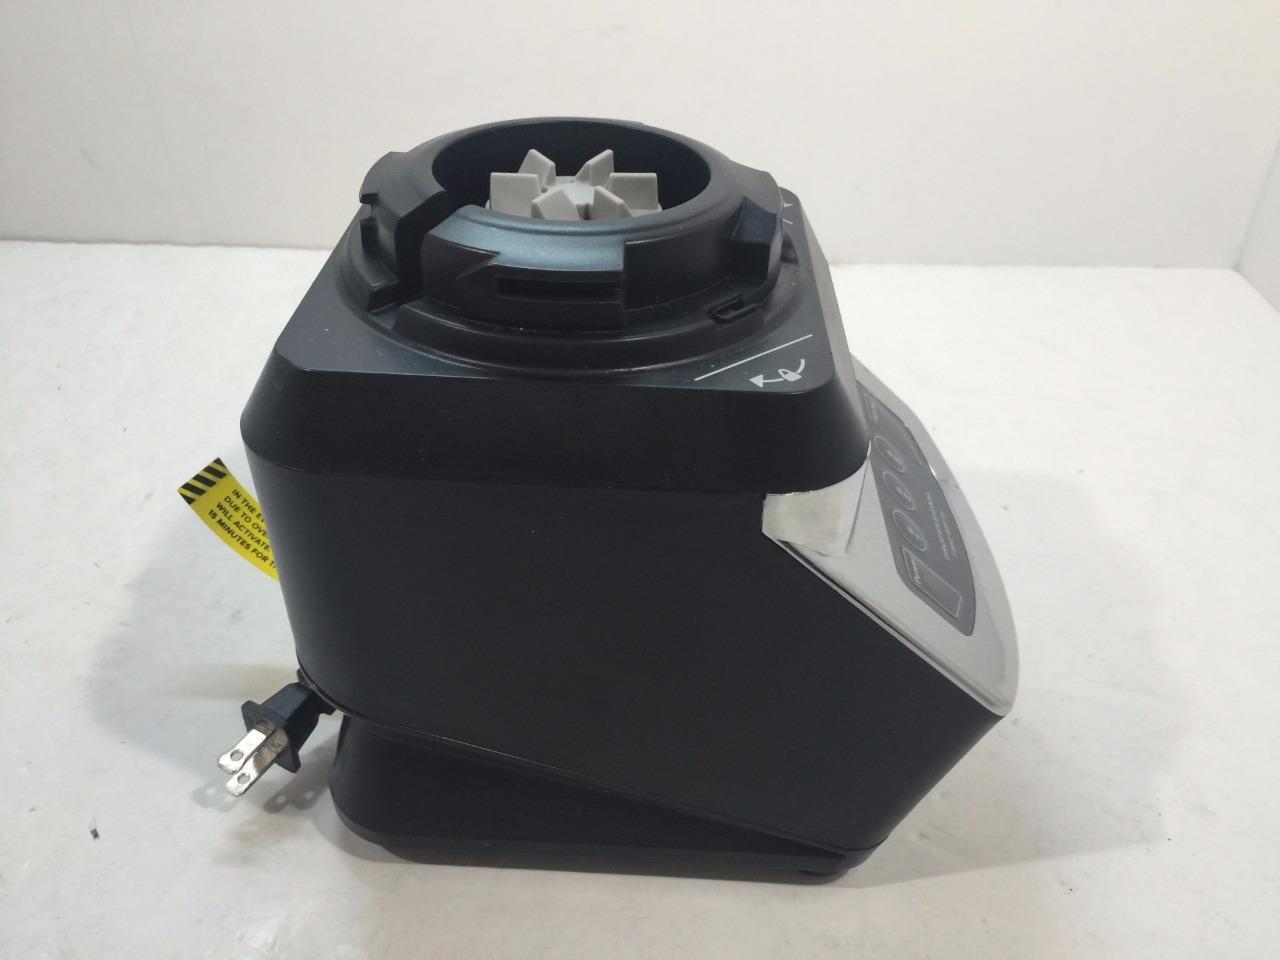 Ninja Professional Blender Model Nj600 Motor Base Only